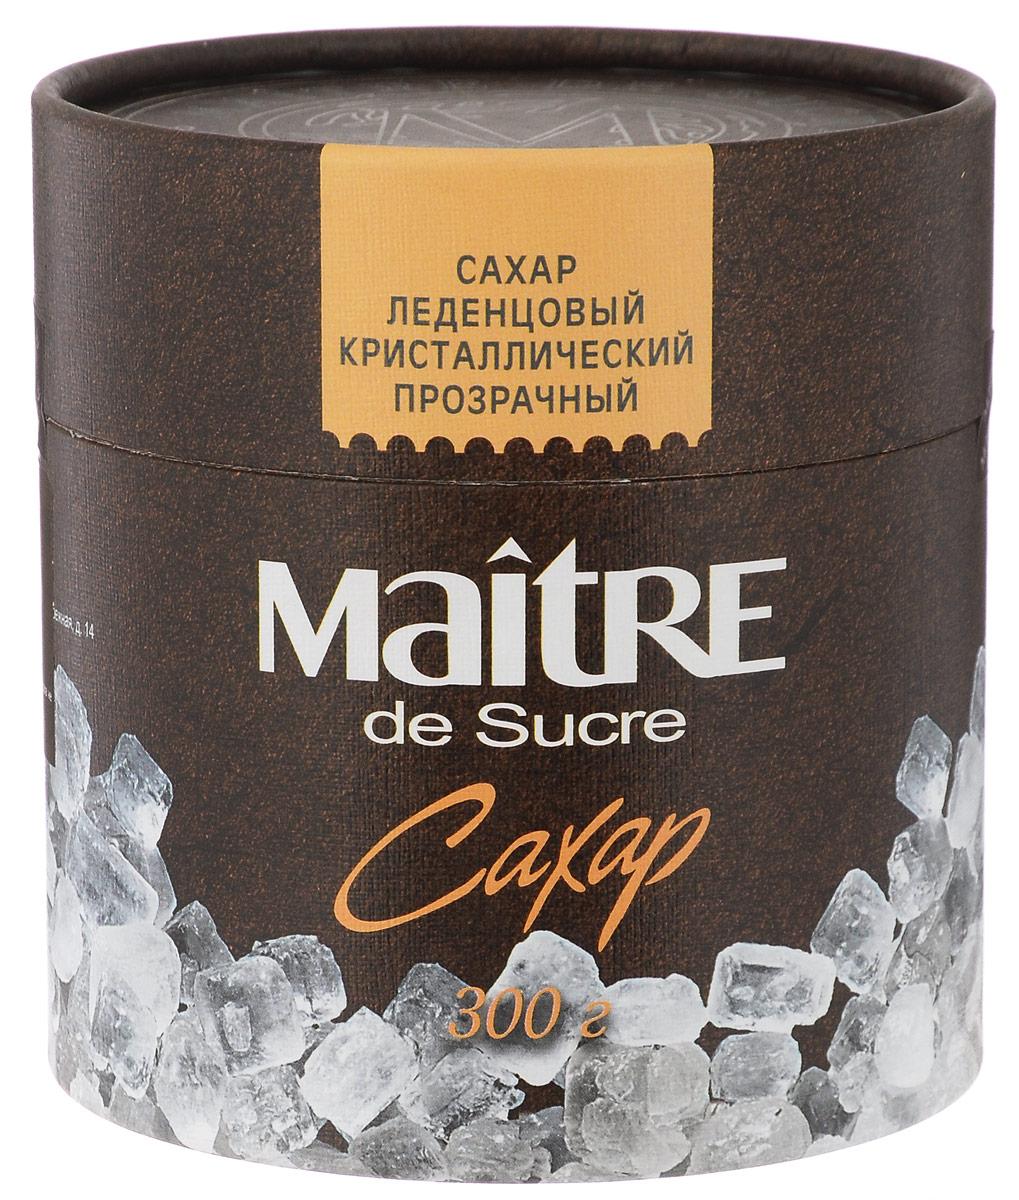 Сахар Maitre de Sucre - отличная альтернатива для любителей конфет и леденцов. При заливании кипятком эти белые прозрачные кристаллы издают характерный звук, напоминающий морозный треск. Идеален для чая.